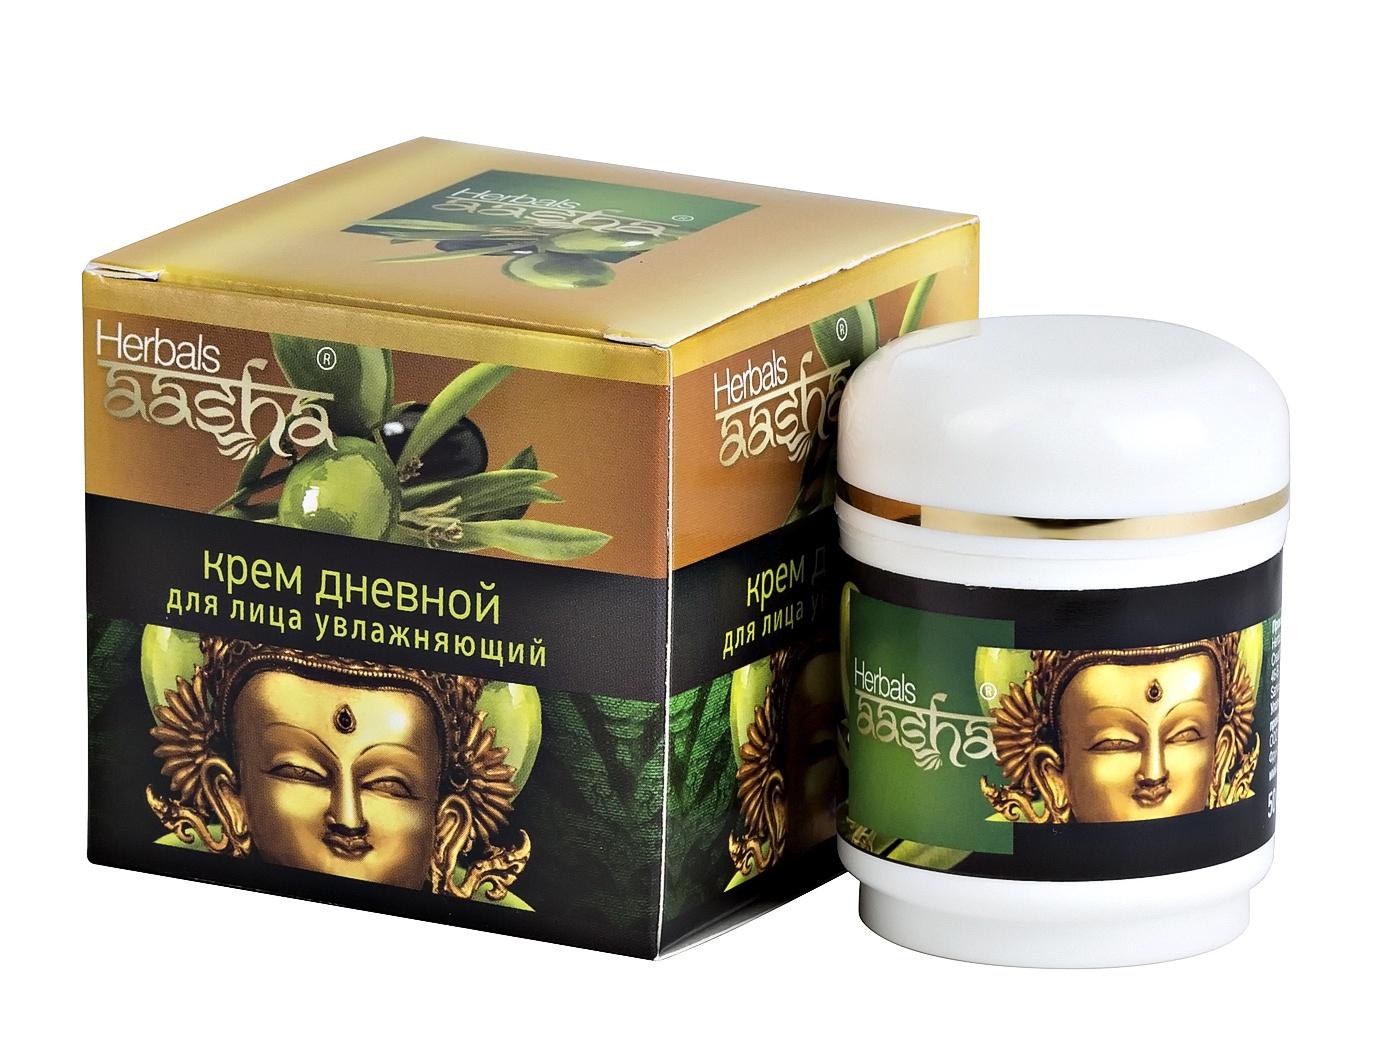 Aasha Herbals Крем для лица Дневной увлажняющий, 50 мл цены онлайн